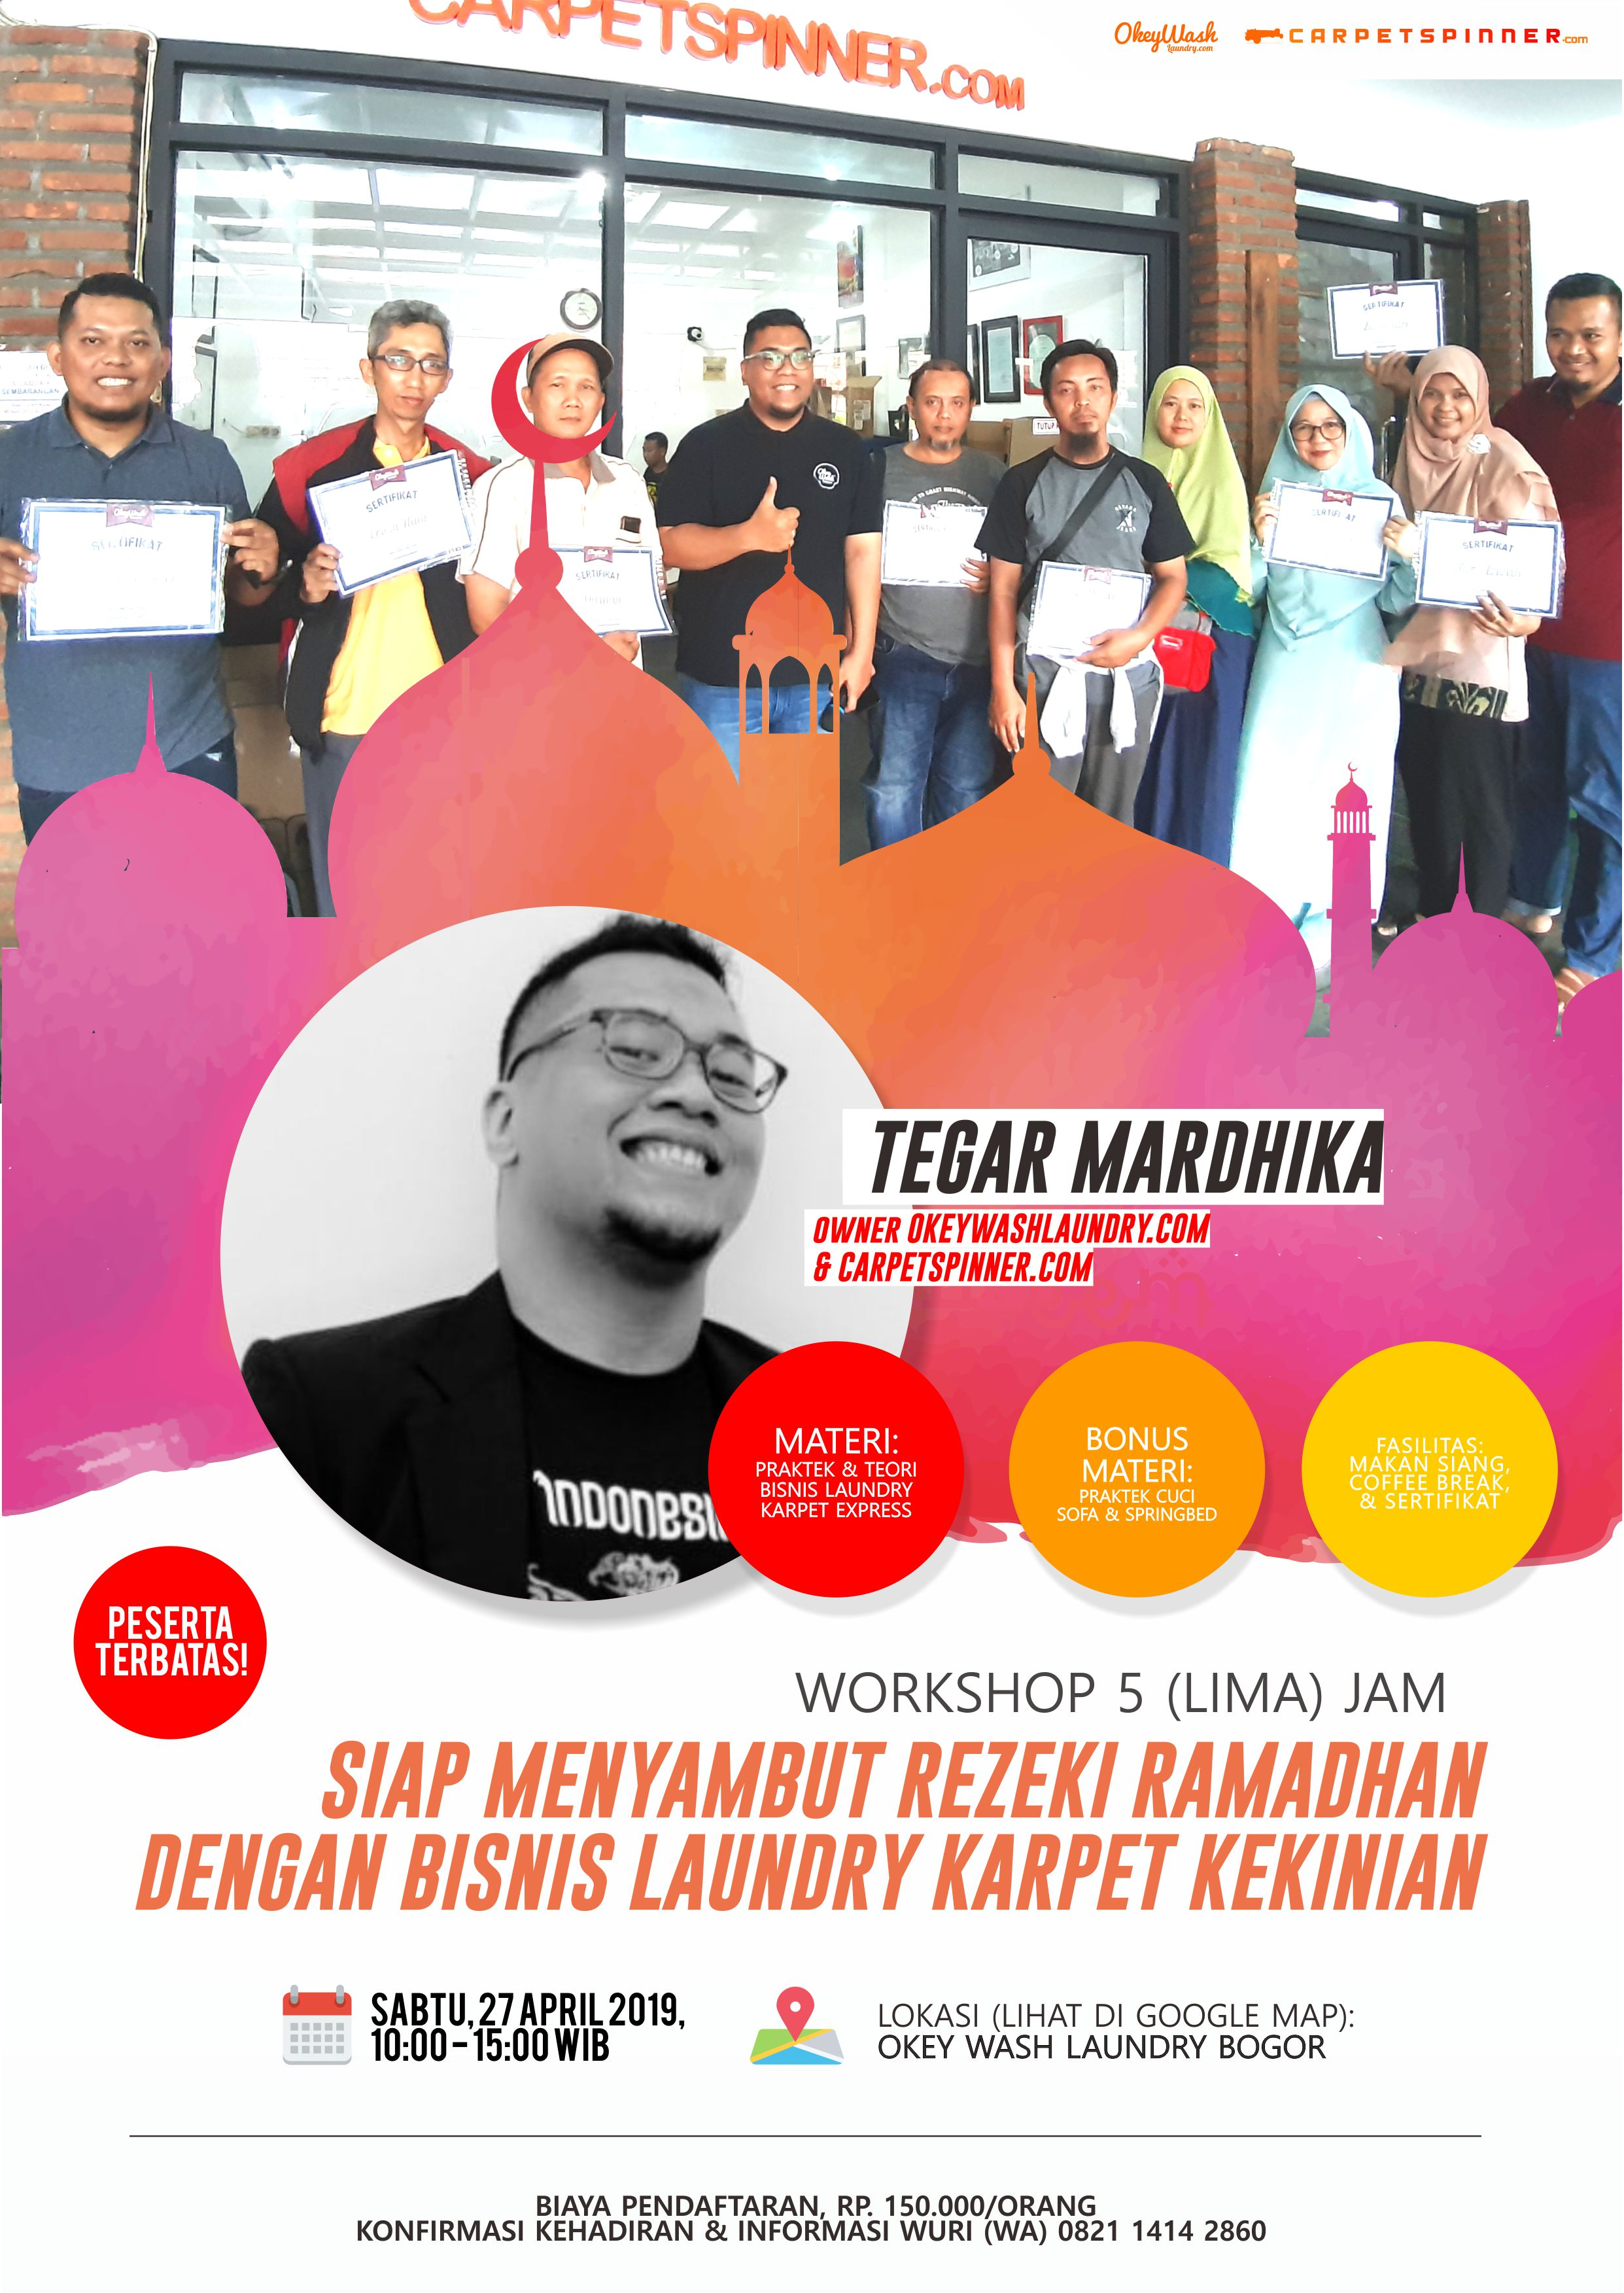 Workshop Siap Menjemput Rezeki Ramadhan dengan Bisnis Laundry Karpet Kekinian, 27 April 2019. Daftar Sekarang Juga ke +6282114142860!